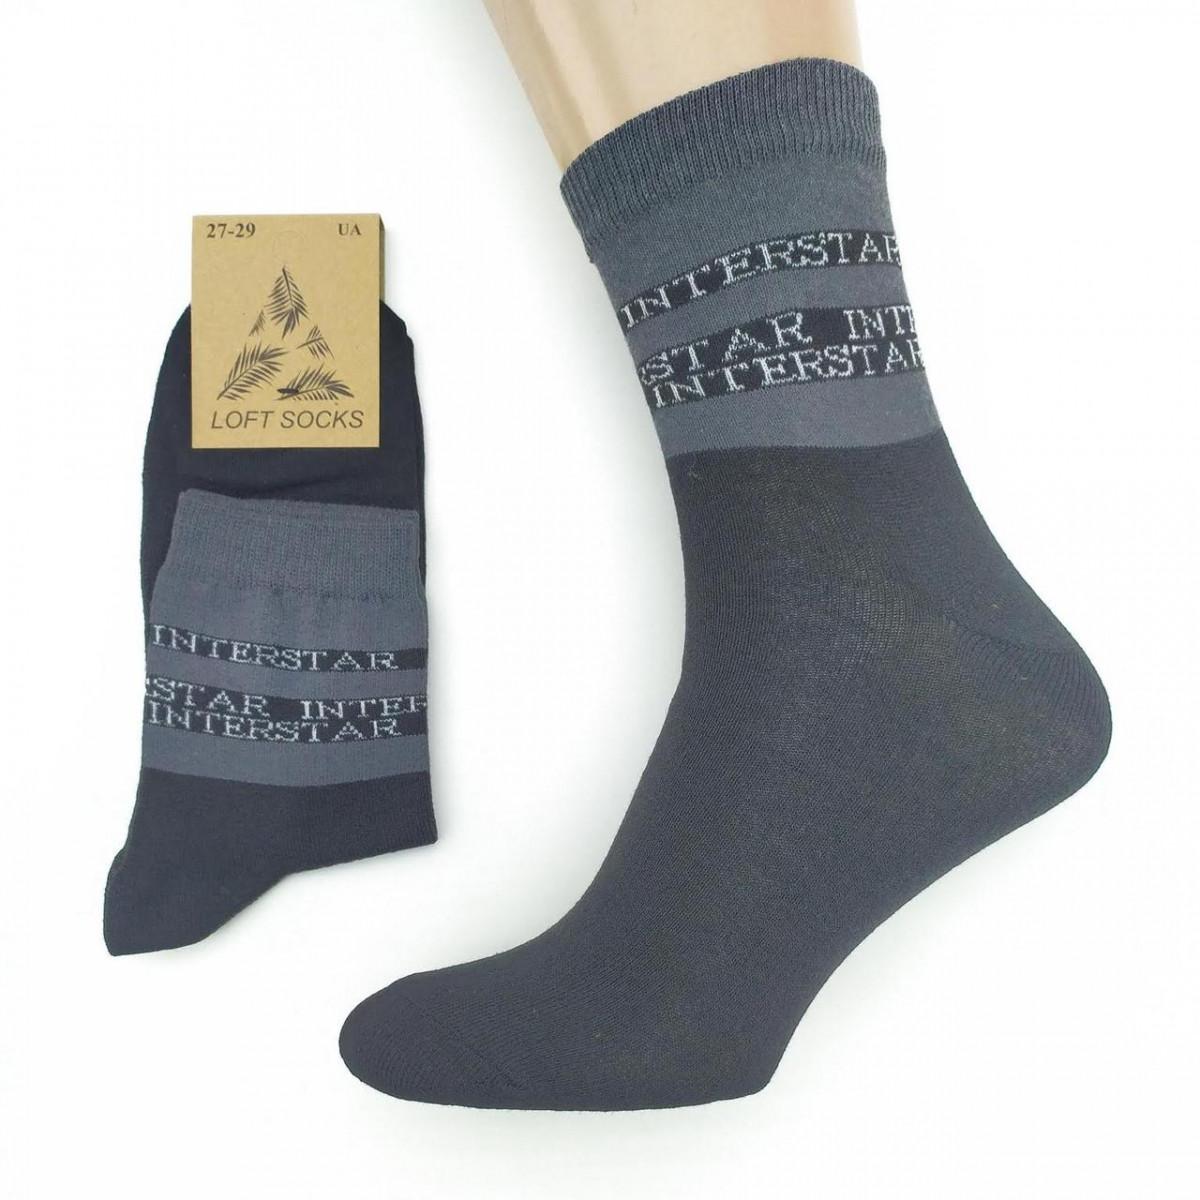 Носки мужские демисезонные, INTERSTAR, средние, Loft Socks, р27-29, черные, 20034122